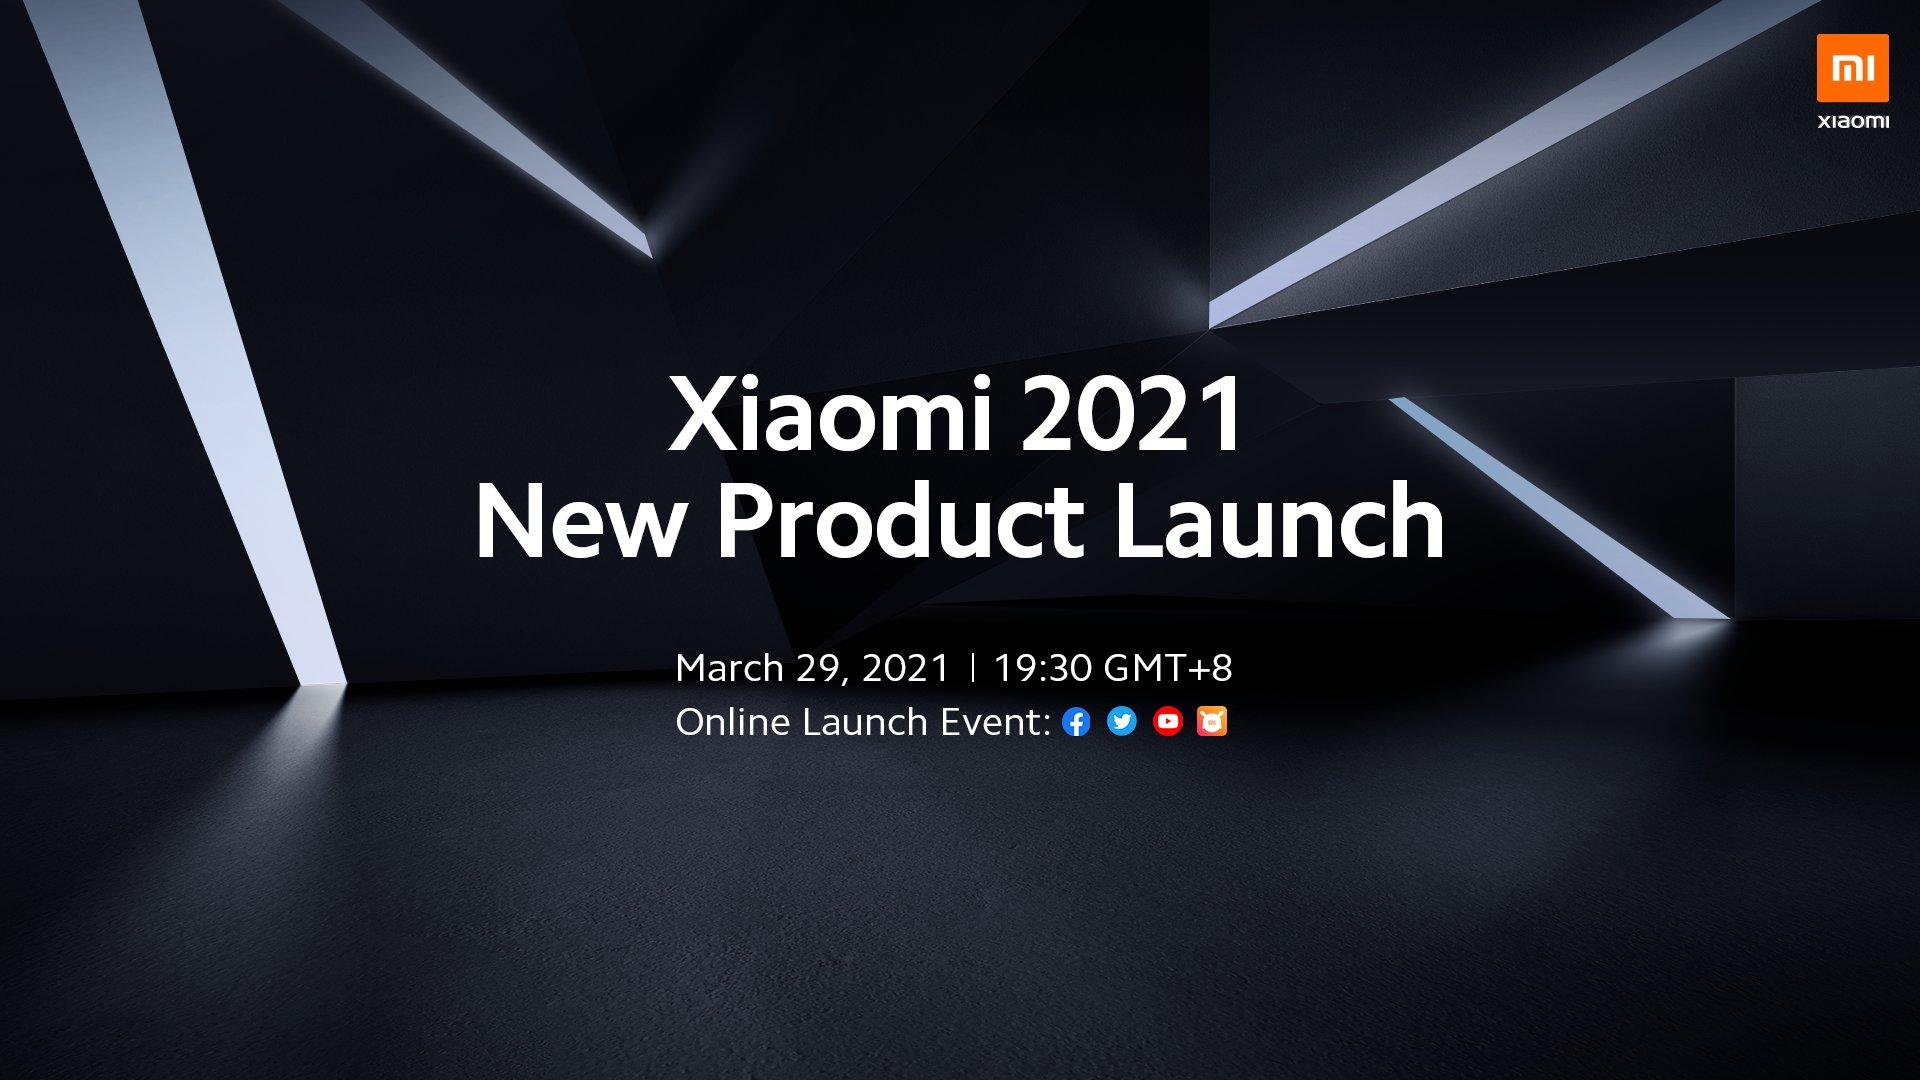 Xiaomi 29 марта проведёт глобальную презентацию: ждём смартфоны Mi 11 Pro, Mi 11 Lite, смарт-браслет Mi Band 6 и ноутбук Mi Notebook Pro 2021